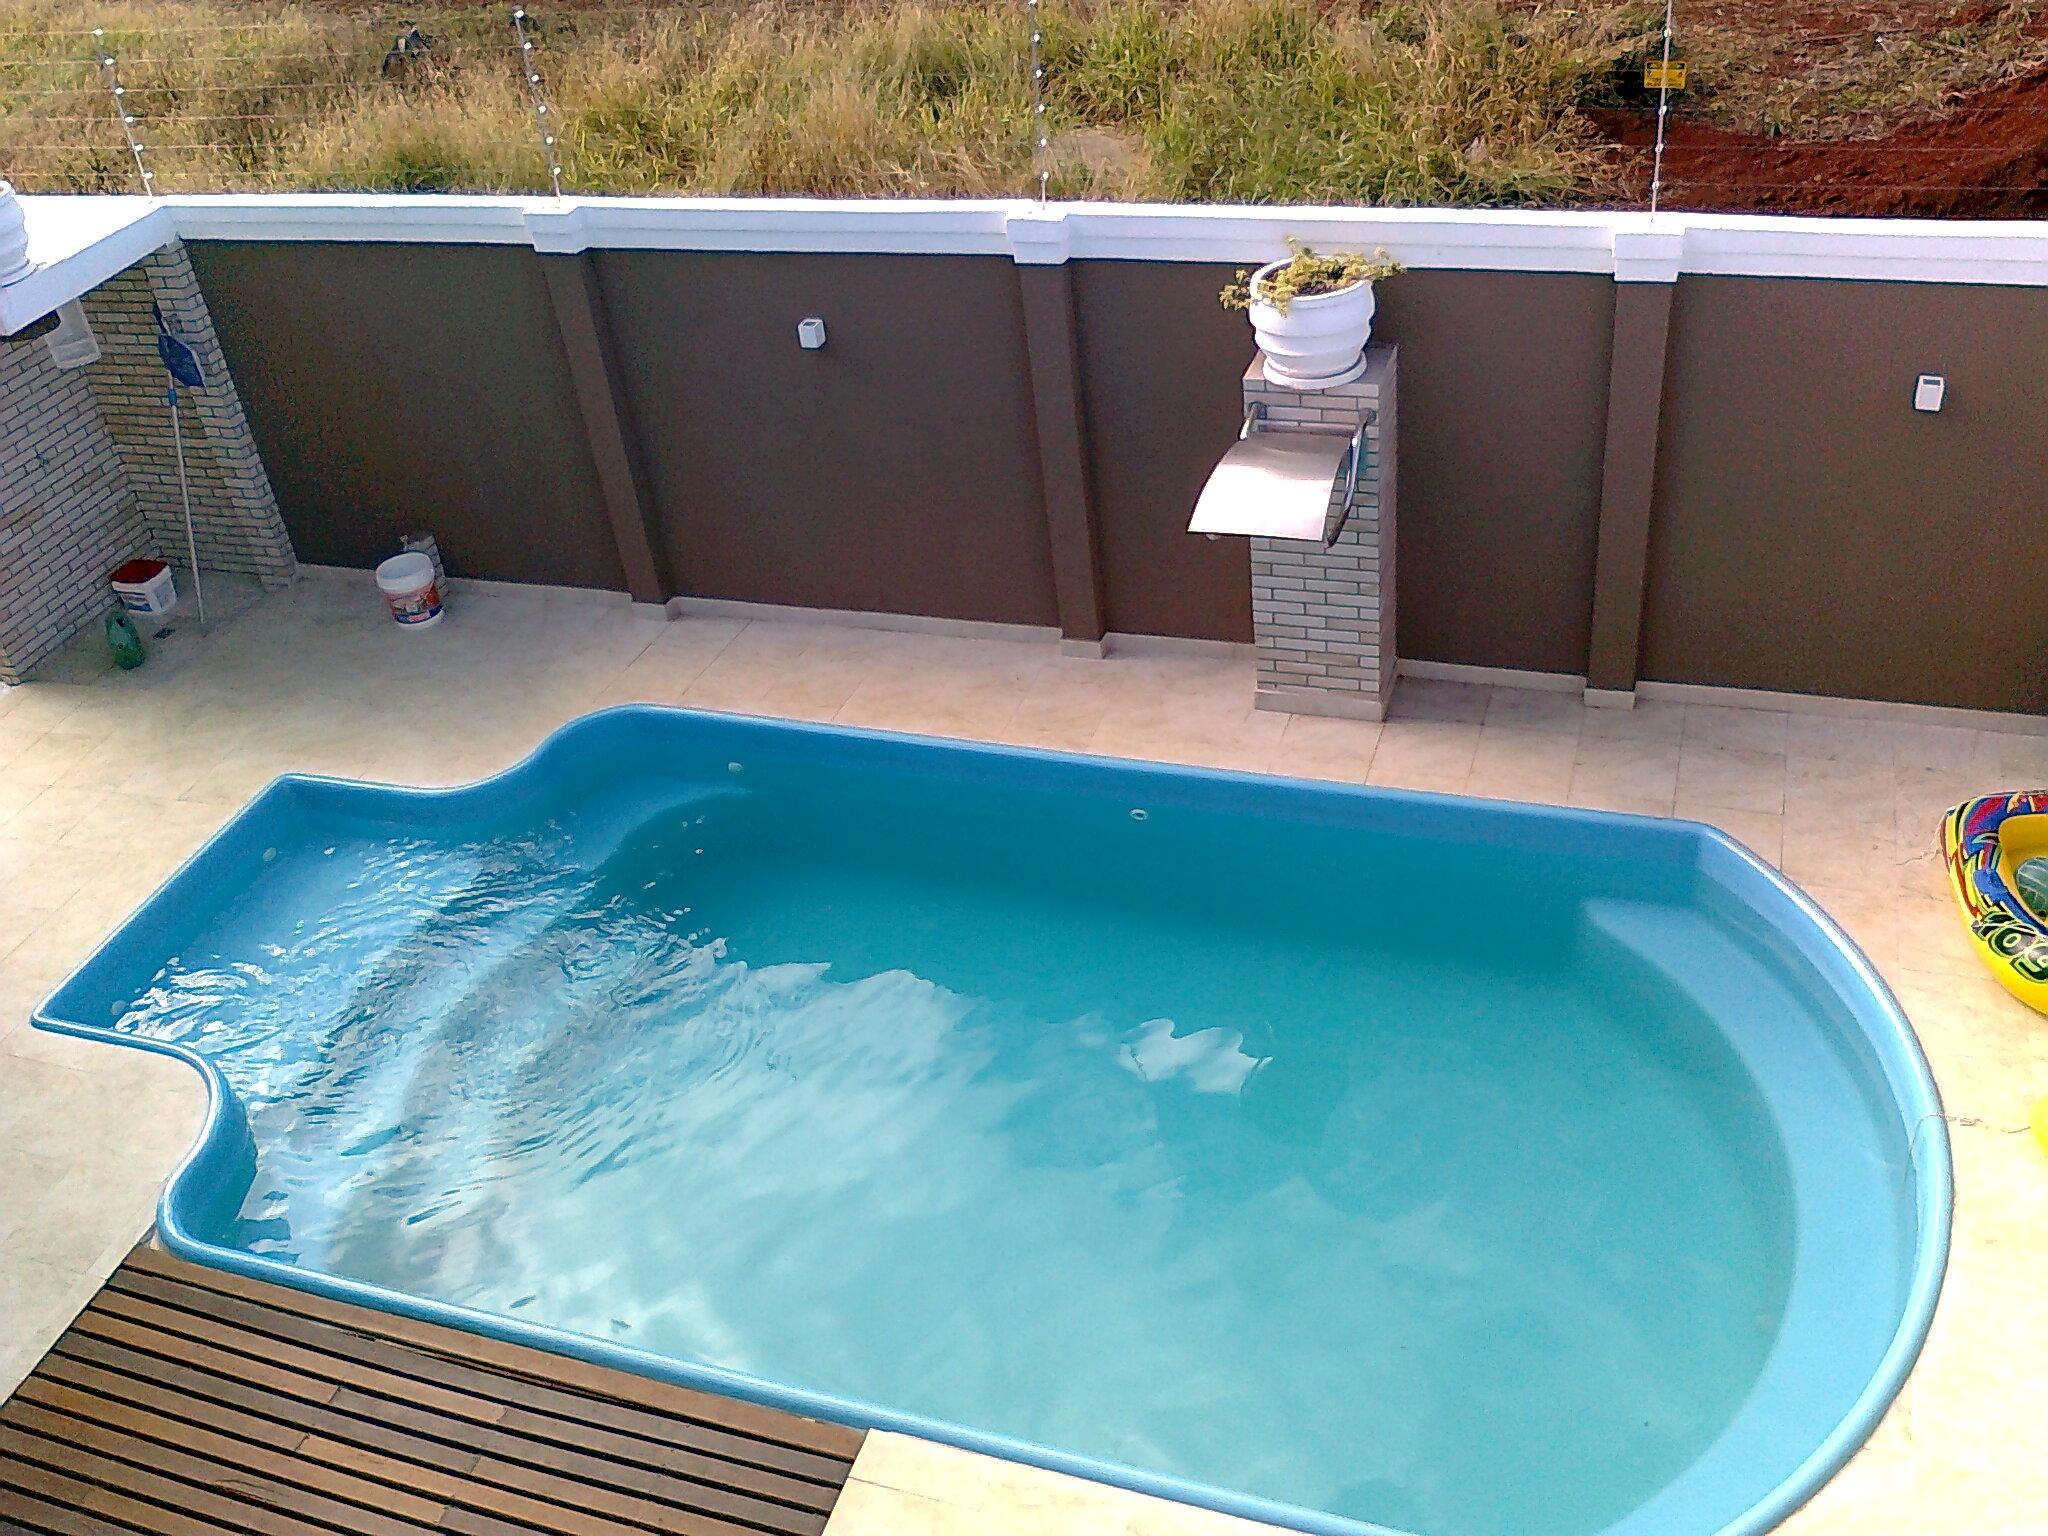 De fibra diazul instaladas abaixo fotos modelo piscina - Piscinas de fibra ...